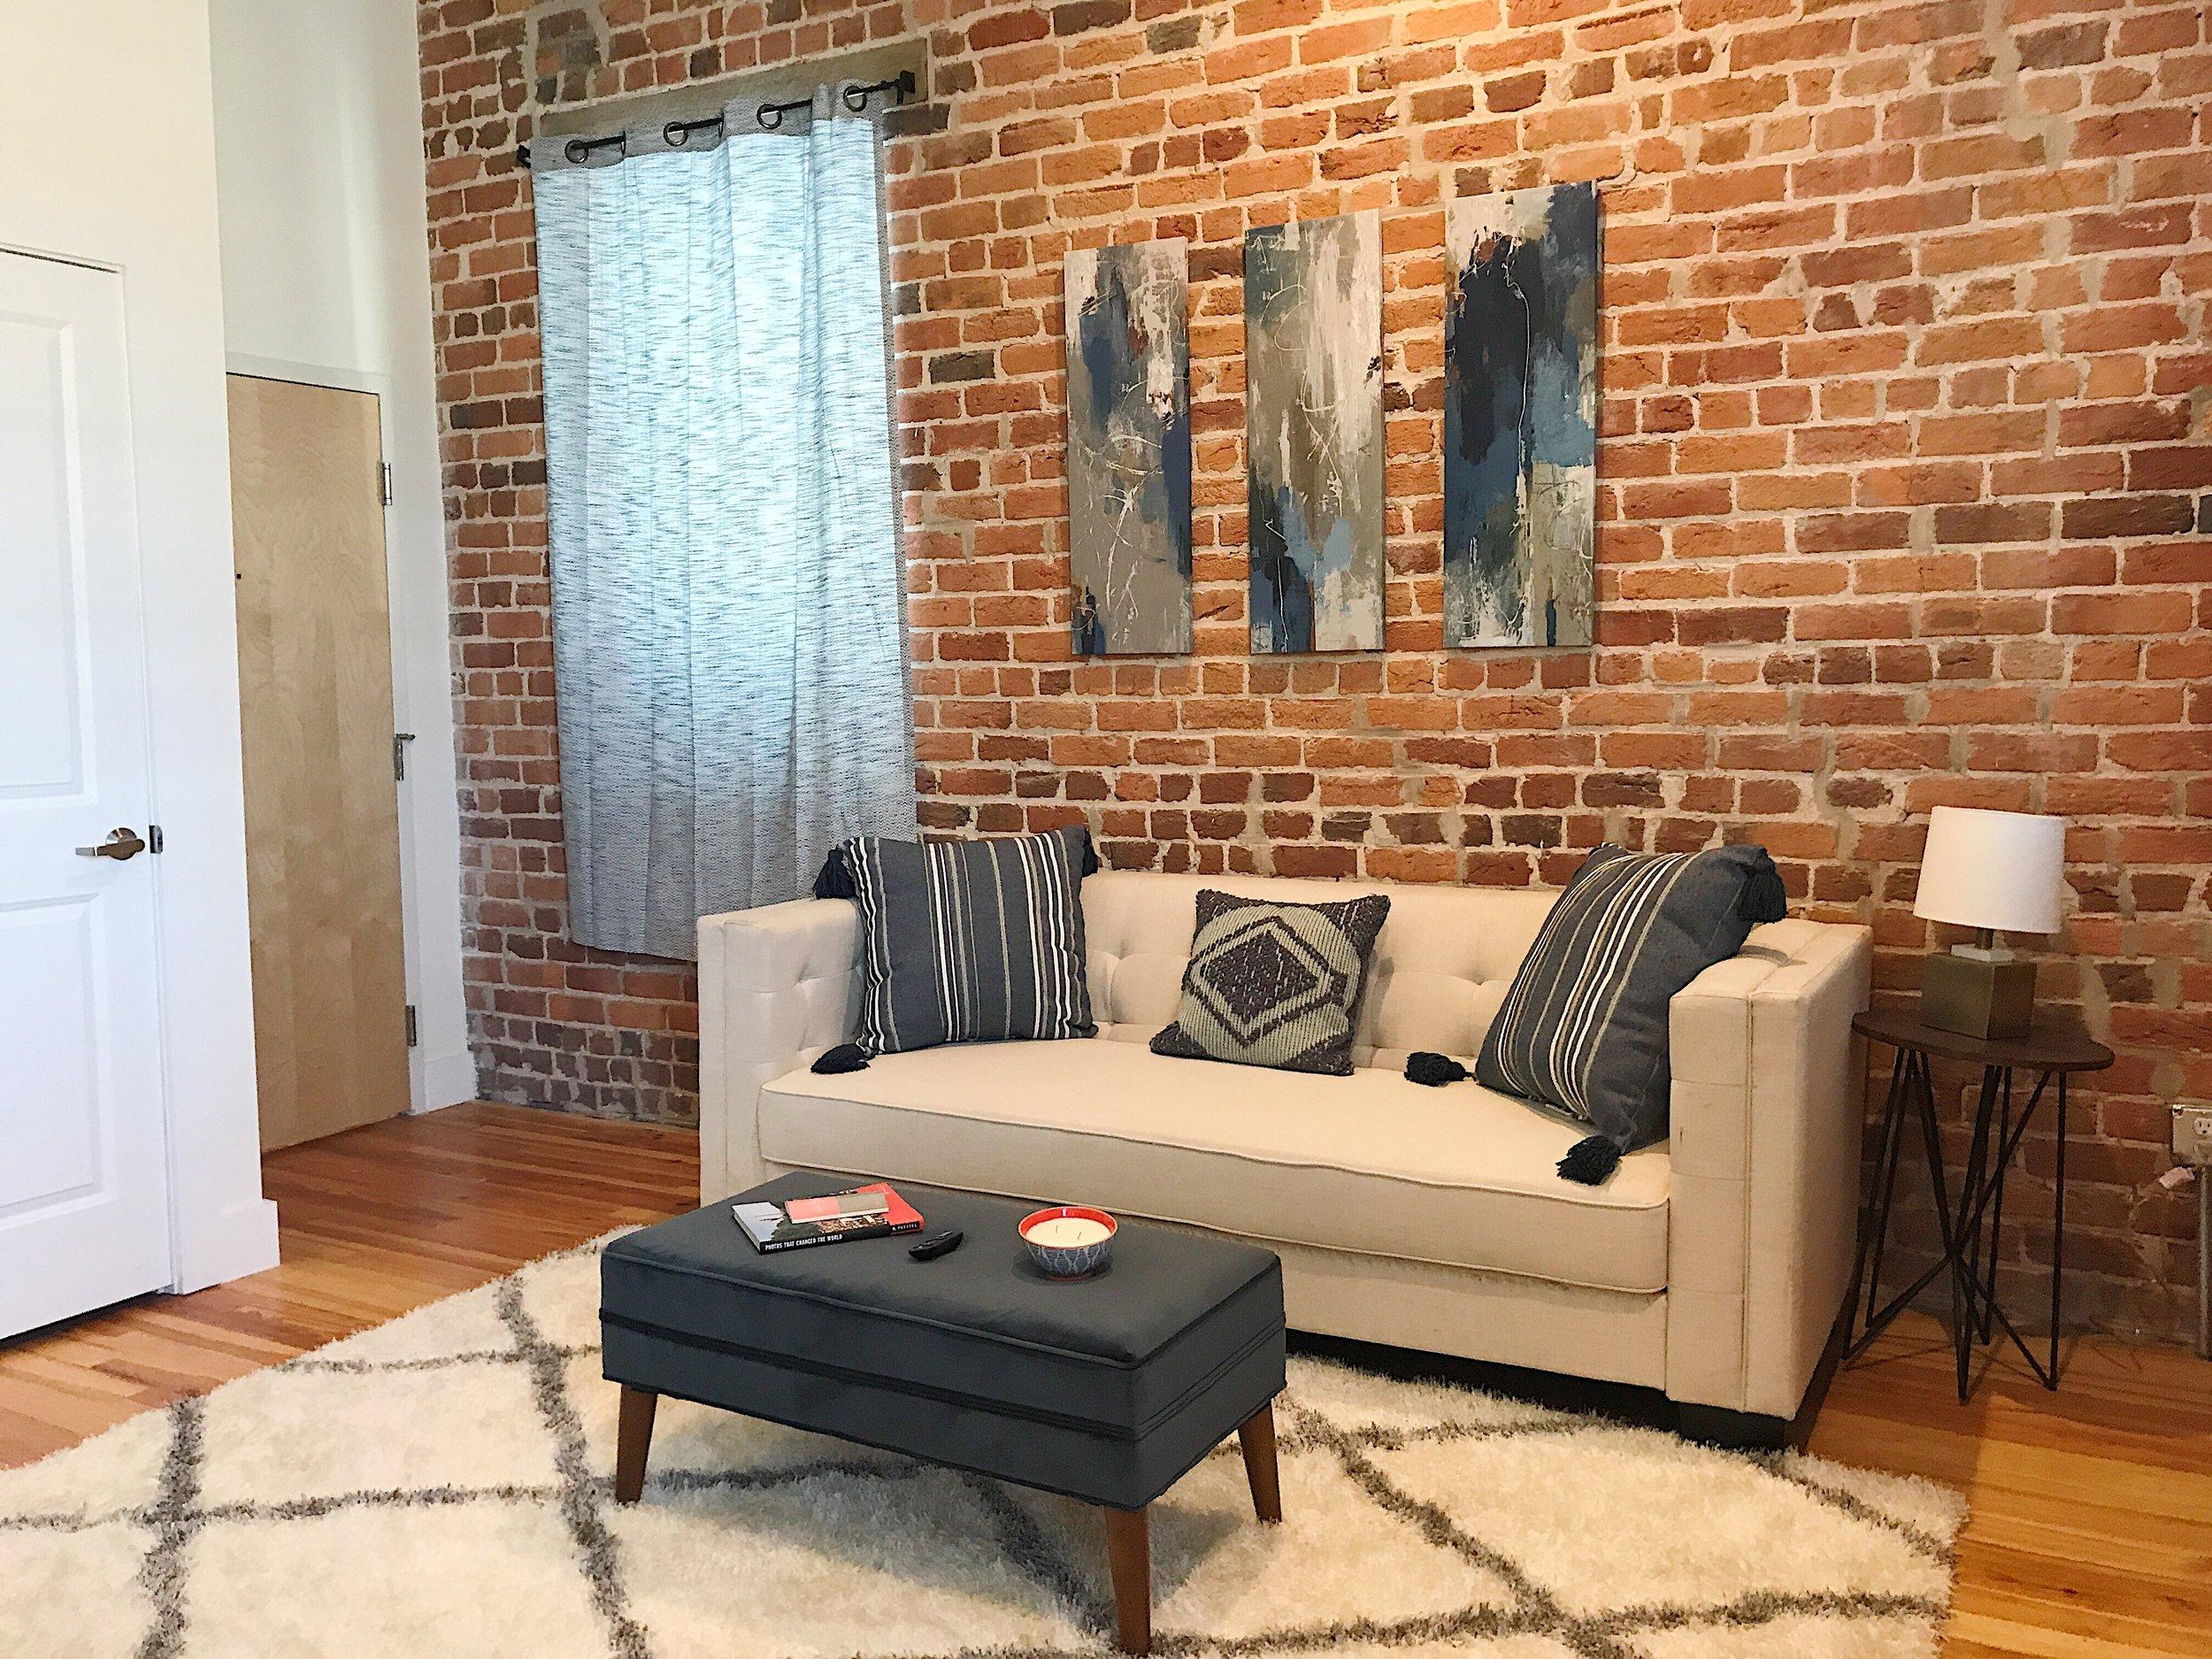 TPZM living room 1.jpg